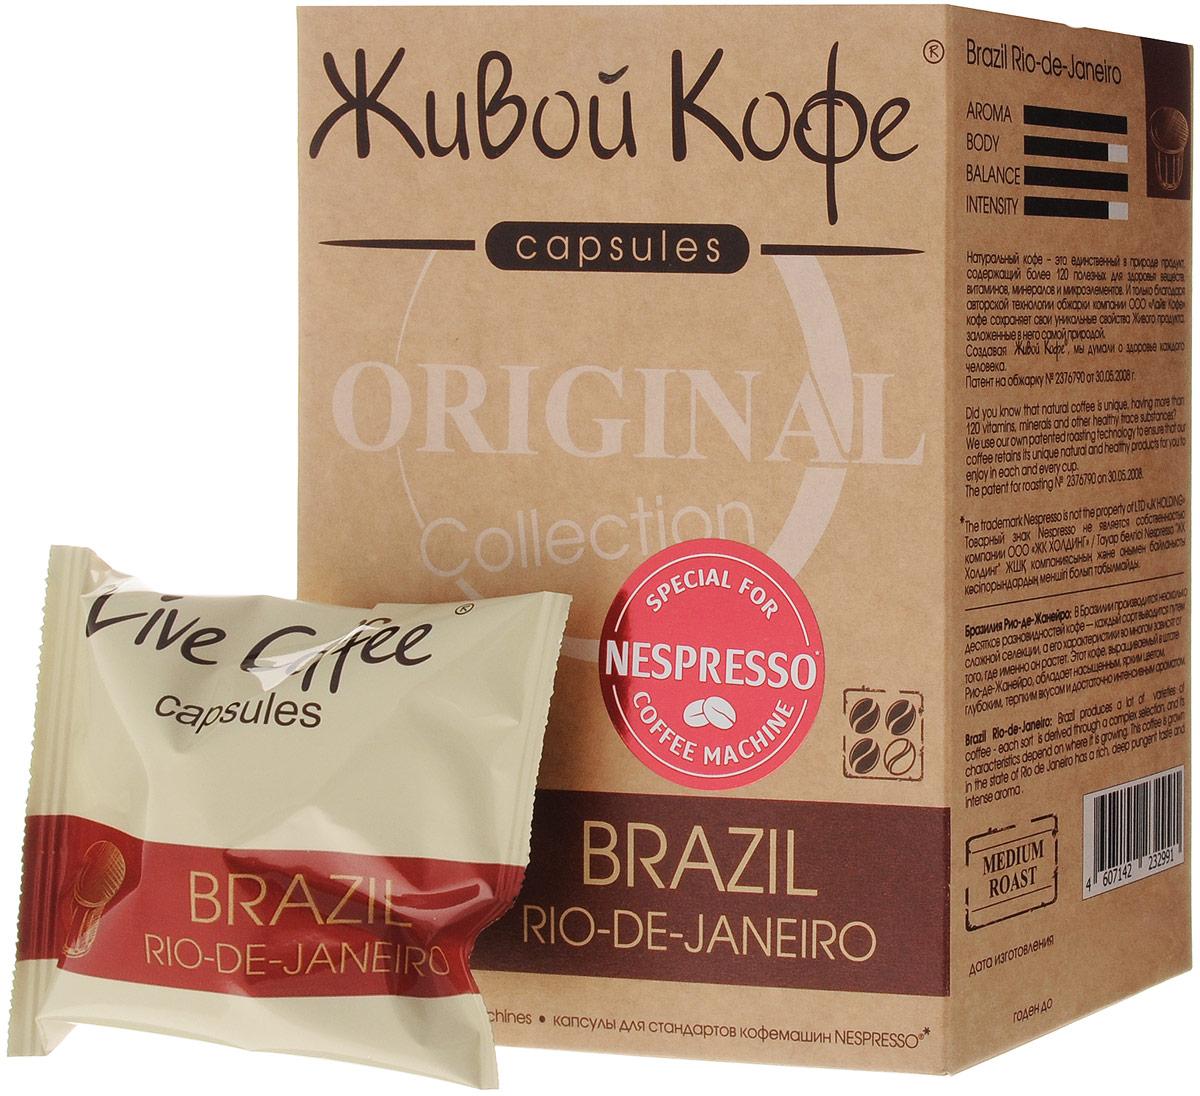 Живой Кофе Brazil Rio de Janeiro кофе в капсулах (индивидуальная упаковка), 10 шт0120710Живой Кофе Brazil Rio de Janeiro - натуральный молотый кофе средней обжарки в капсулах. В Бразилии производится несколько десятков разновидностей кофе — каждый сорт выводится путем сложной селекции, а его характеристики во многом зависят от того, где именно он растет. Этот кофе, выращиваемый в штате Рио-де-Жанейро, обладает насыщенным ярким цветом, глубоким терпким вкусом и достаточно интенсивным ароматом.Каждая капсула упакована в индивидуальный пакет для сохранения свежести и качества кофе. Благодаря авторской технологии обжарки группы компаний Сафари кофе напиток сохраняет свои уникальные свойства, заложенные самой природой.Уважаемые клиенты! Обращаем ваше внимание на то, что упаковка может иметь несколько видов дизайна. Поставка осуществляется в зависимости от наличия на складе.